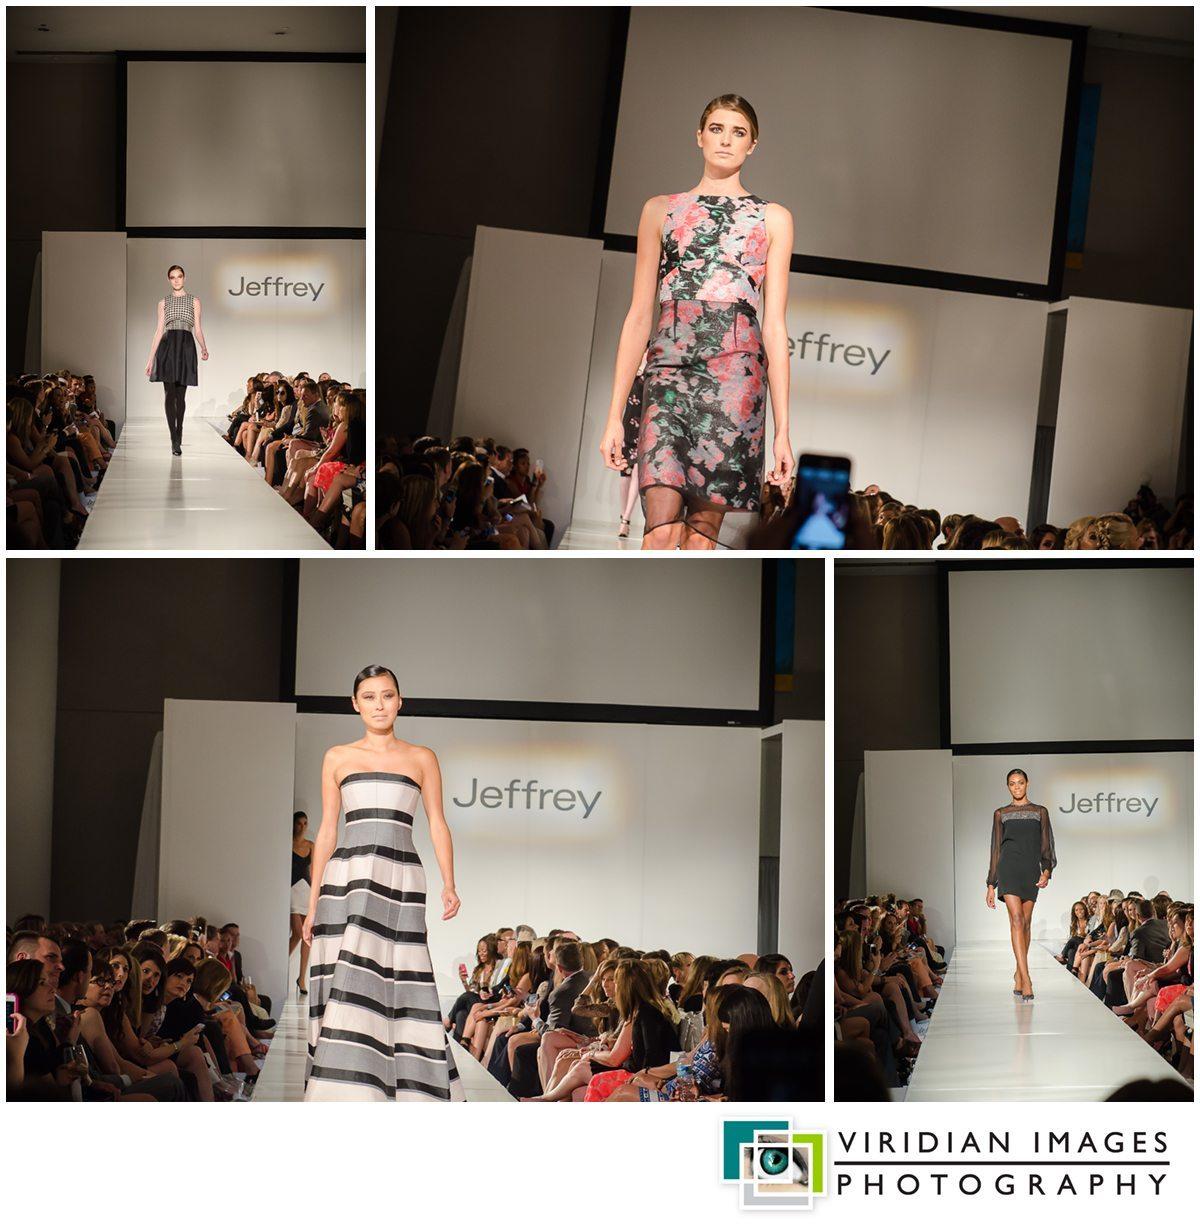 Jeffrey_Fashion_Cares_Viridian_Images_photo_6